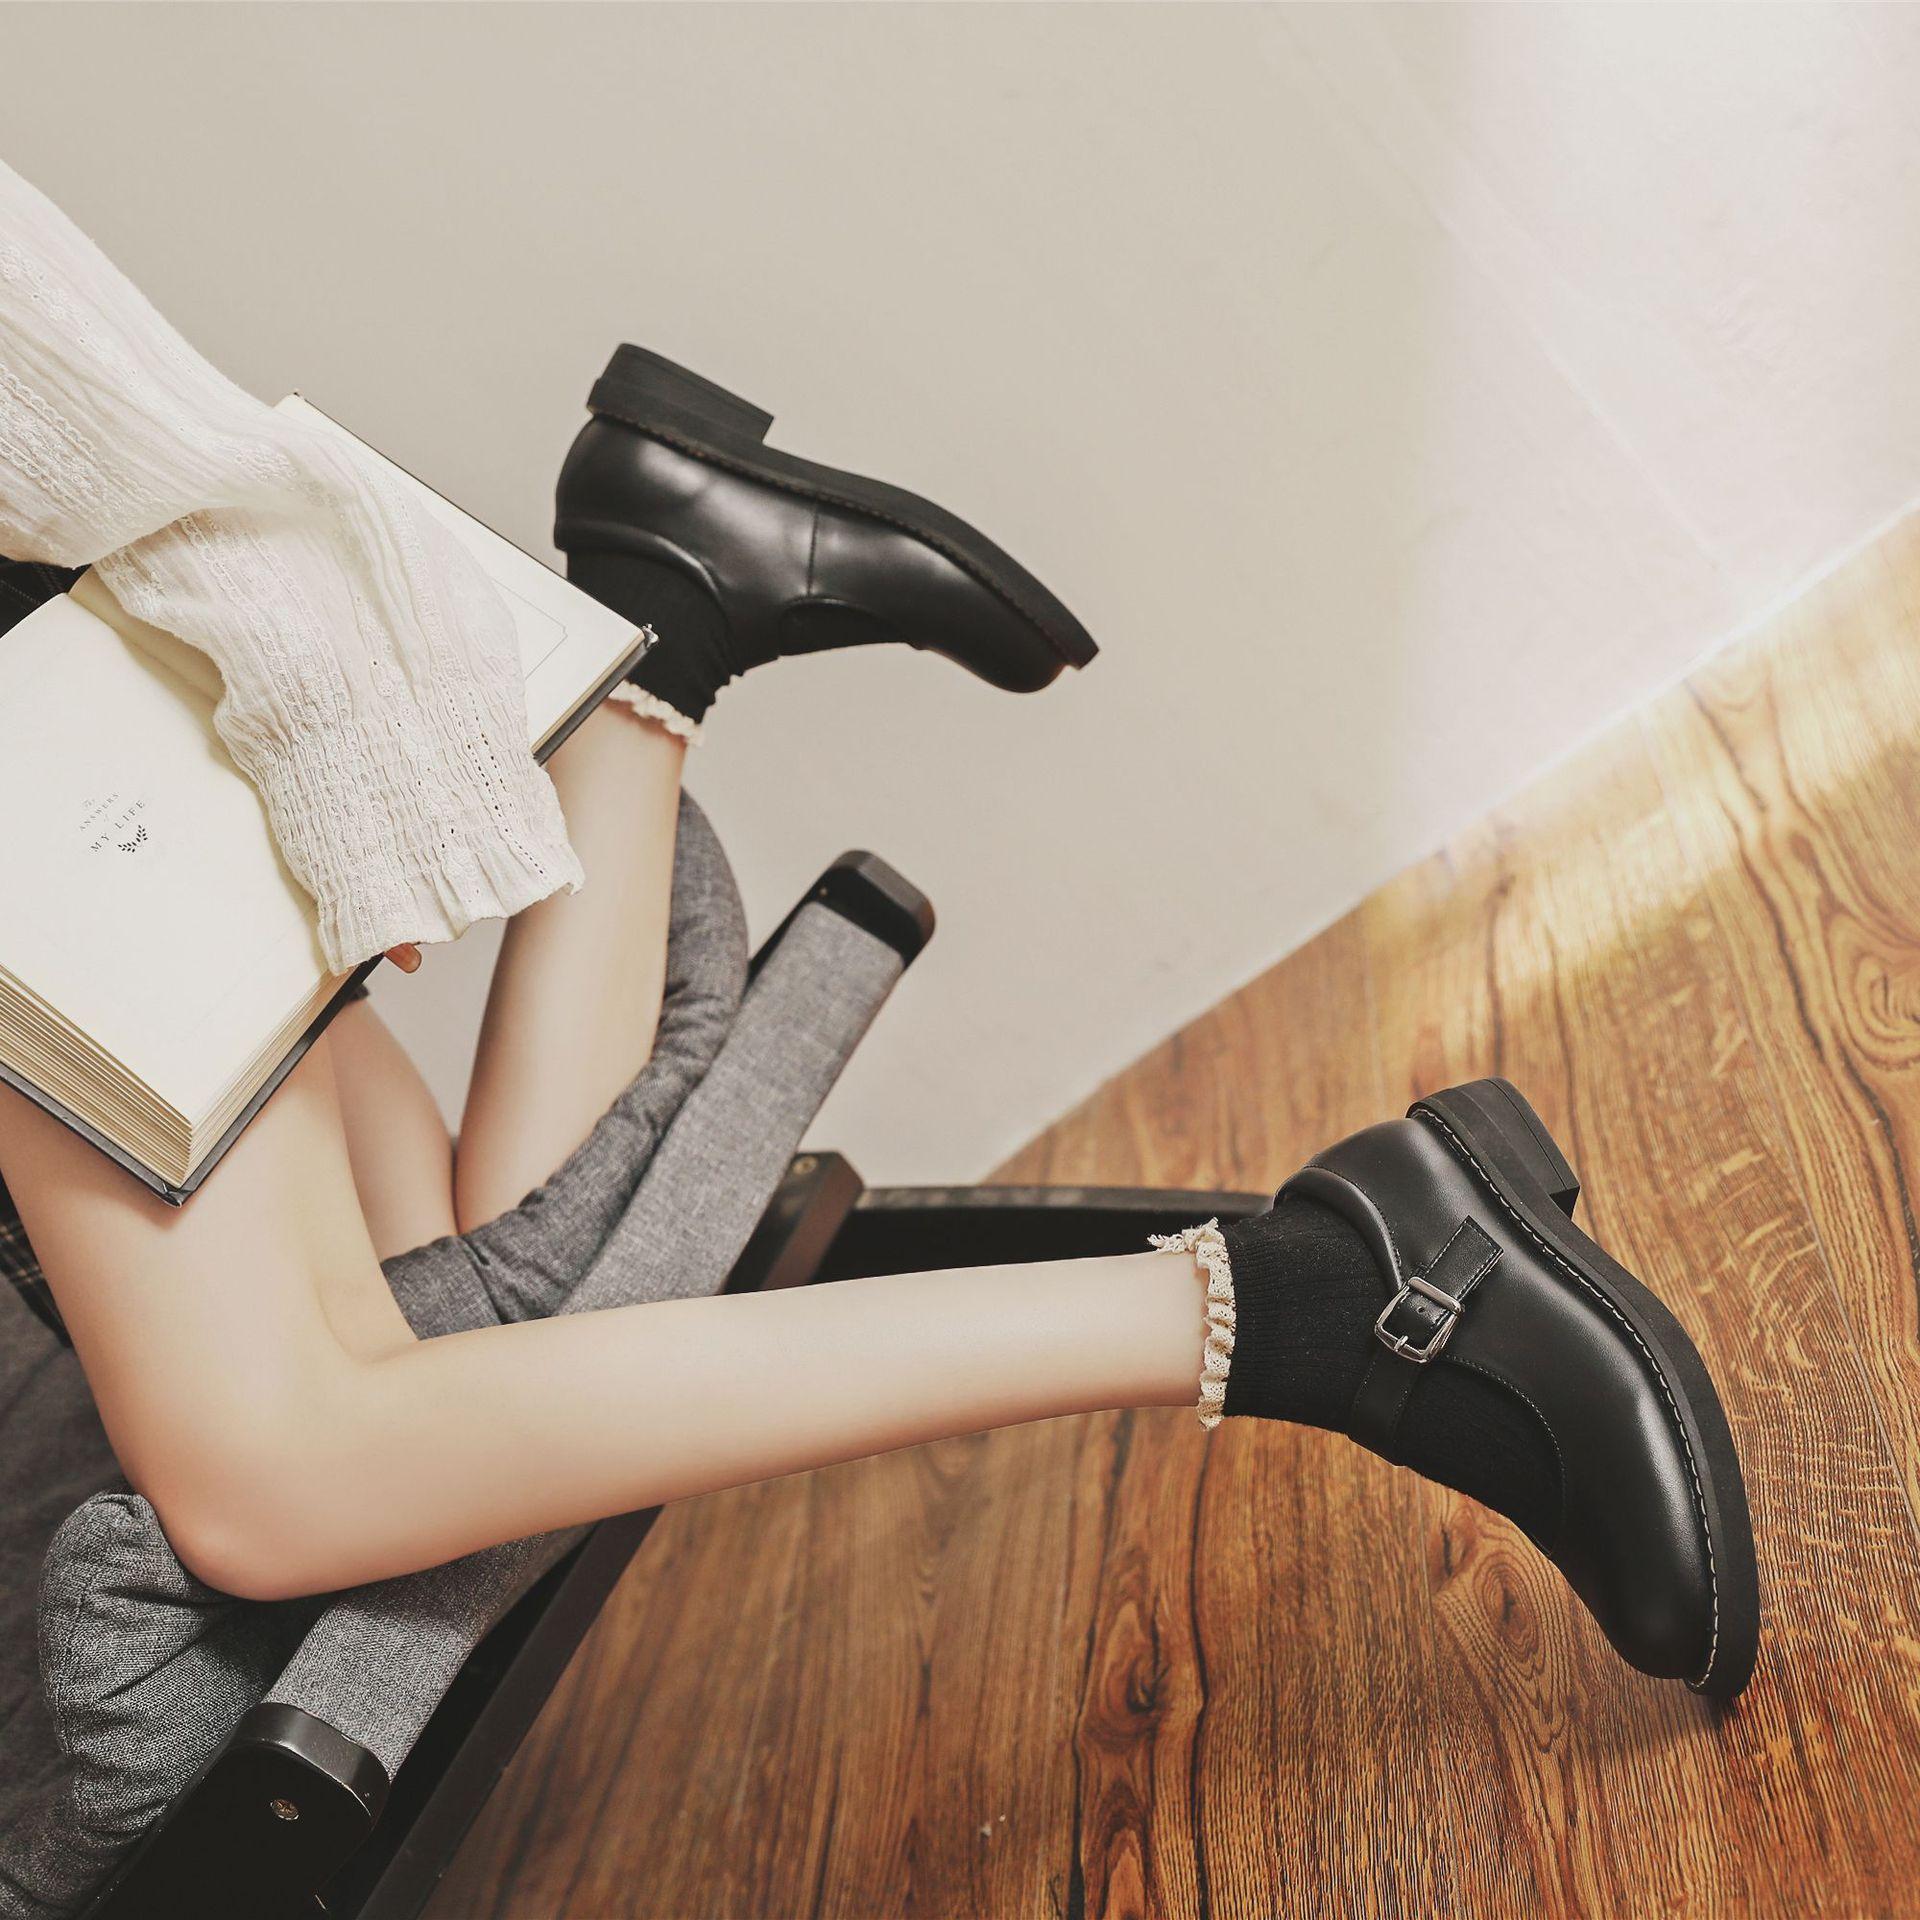 仙女jk制服小皮鞋女洛丽塔一字扣百搭圆头玛丽珍鞋日系文艺女鞋夏